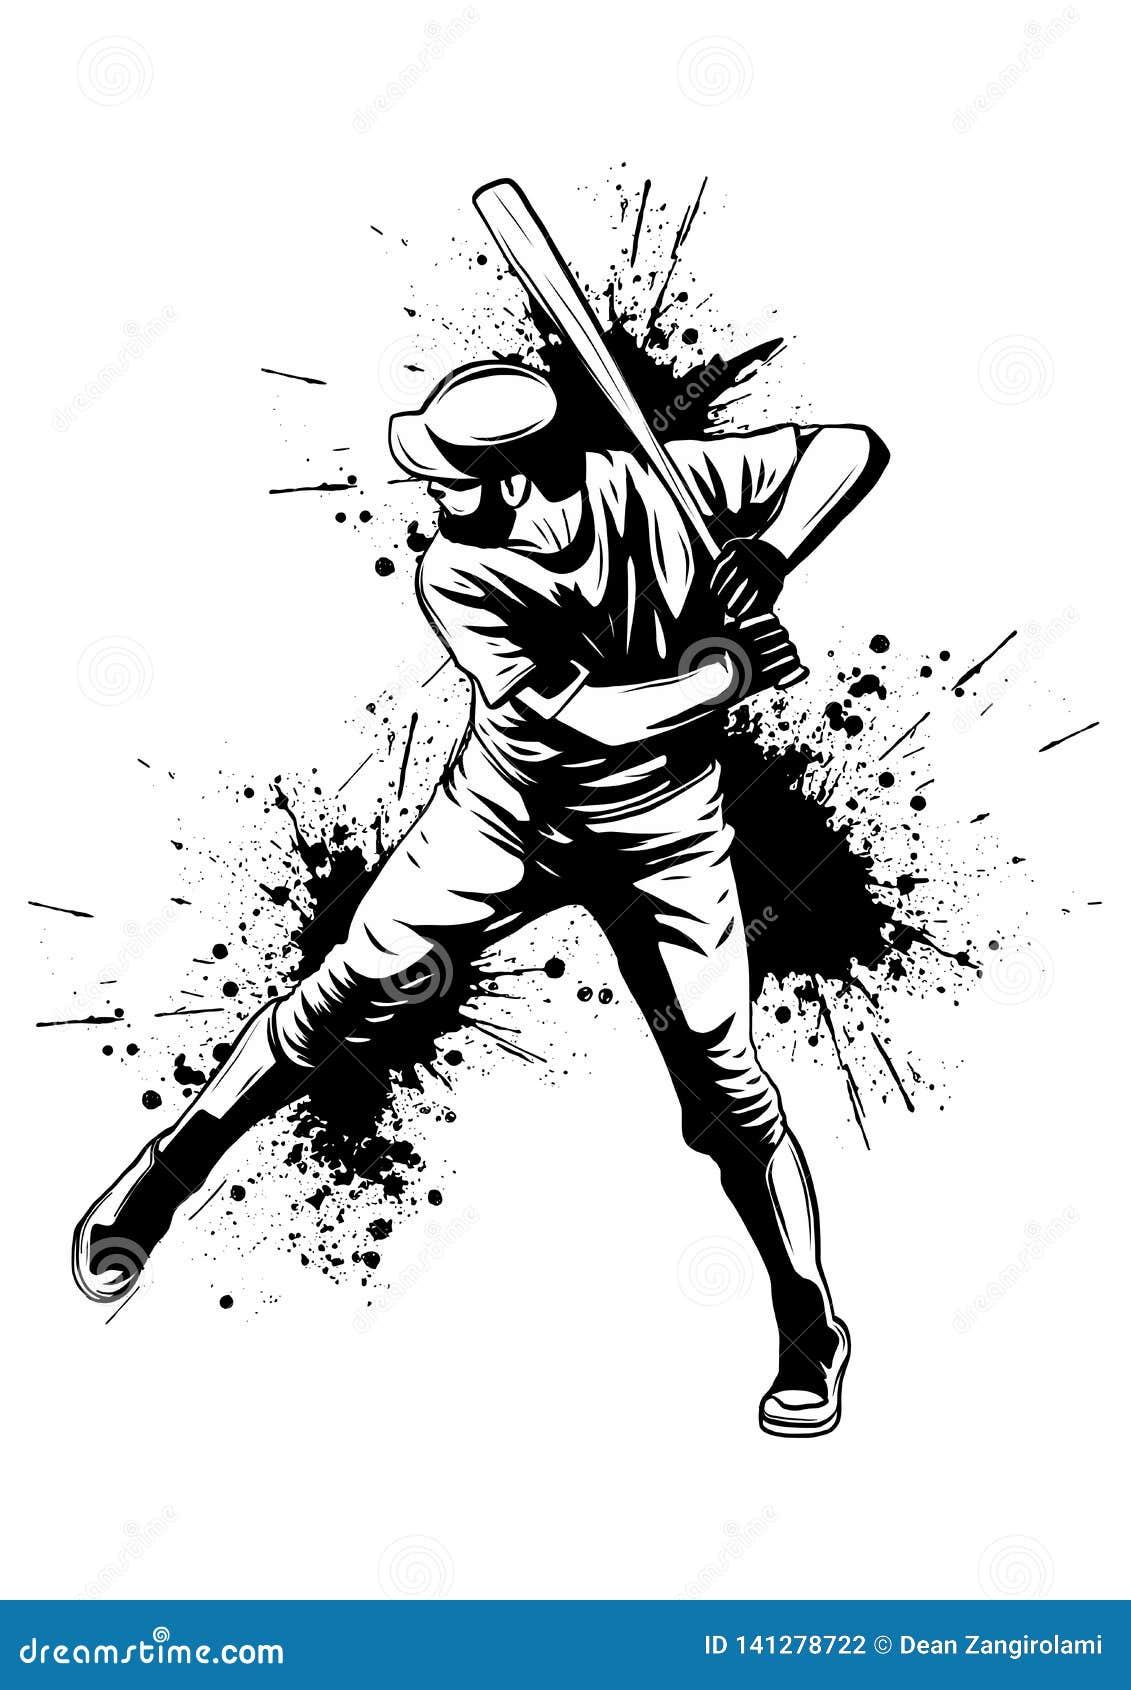 Jogador de beisebol, lançador que balança com bastão, silhueta isolada abstrata do vetor, desenho da tinta